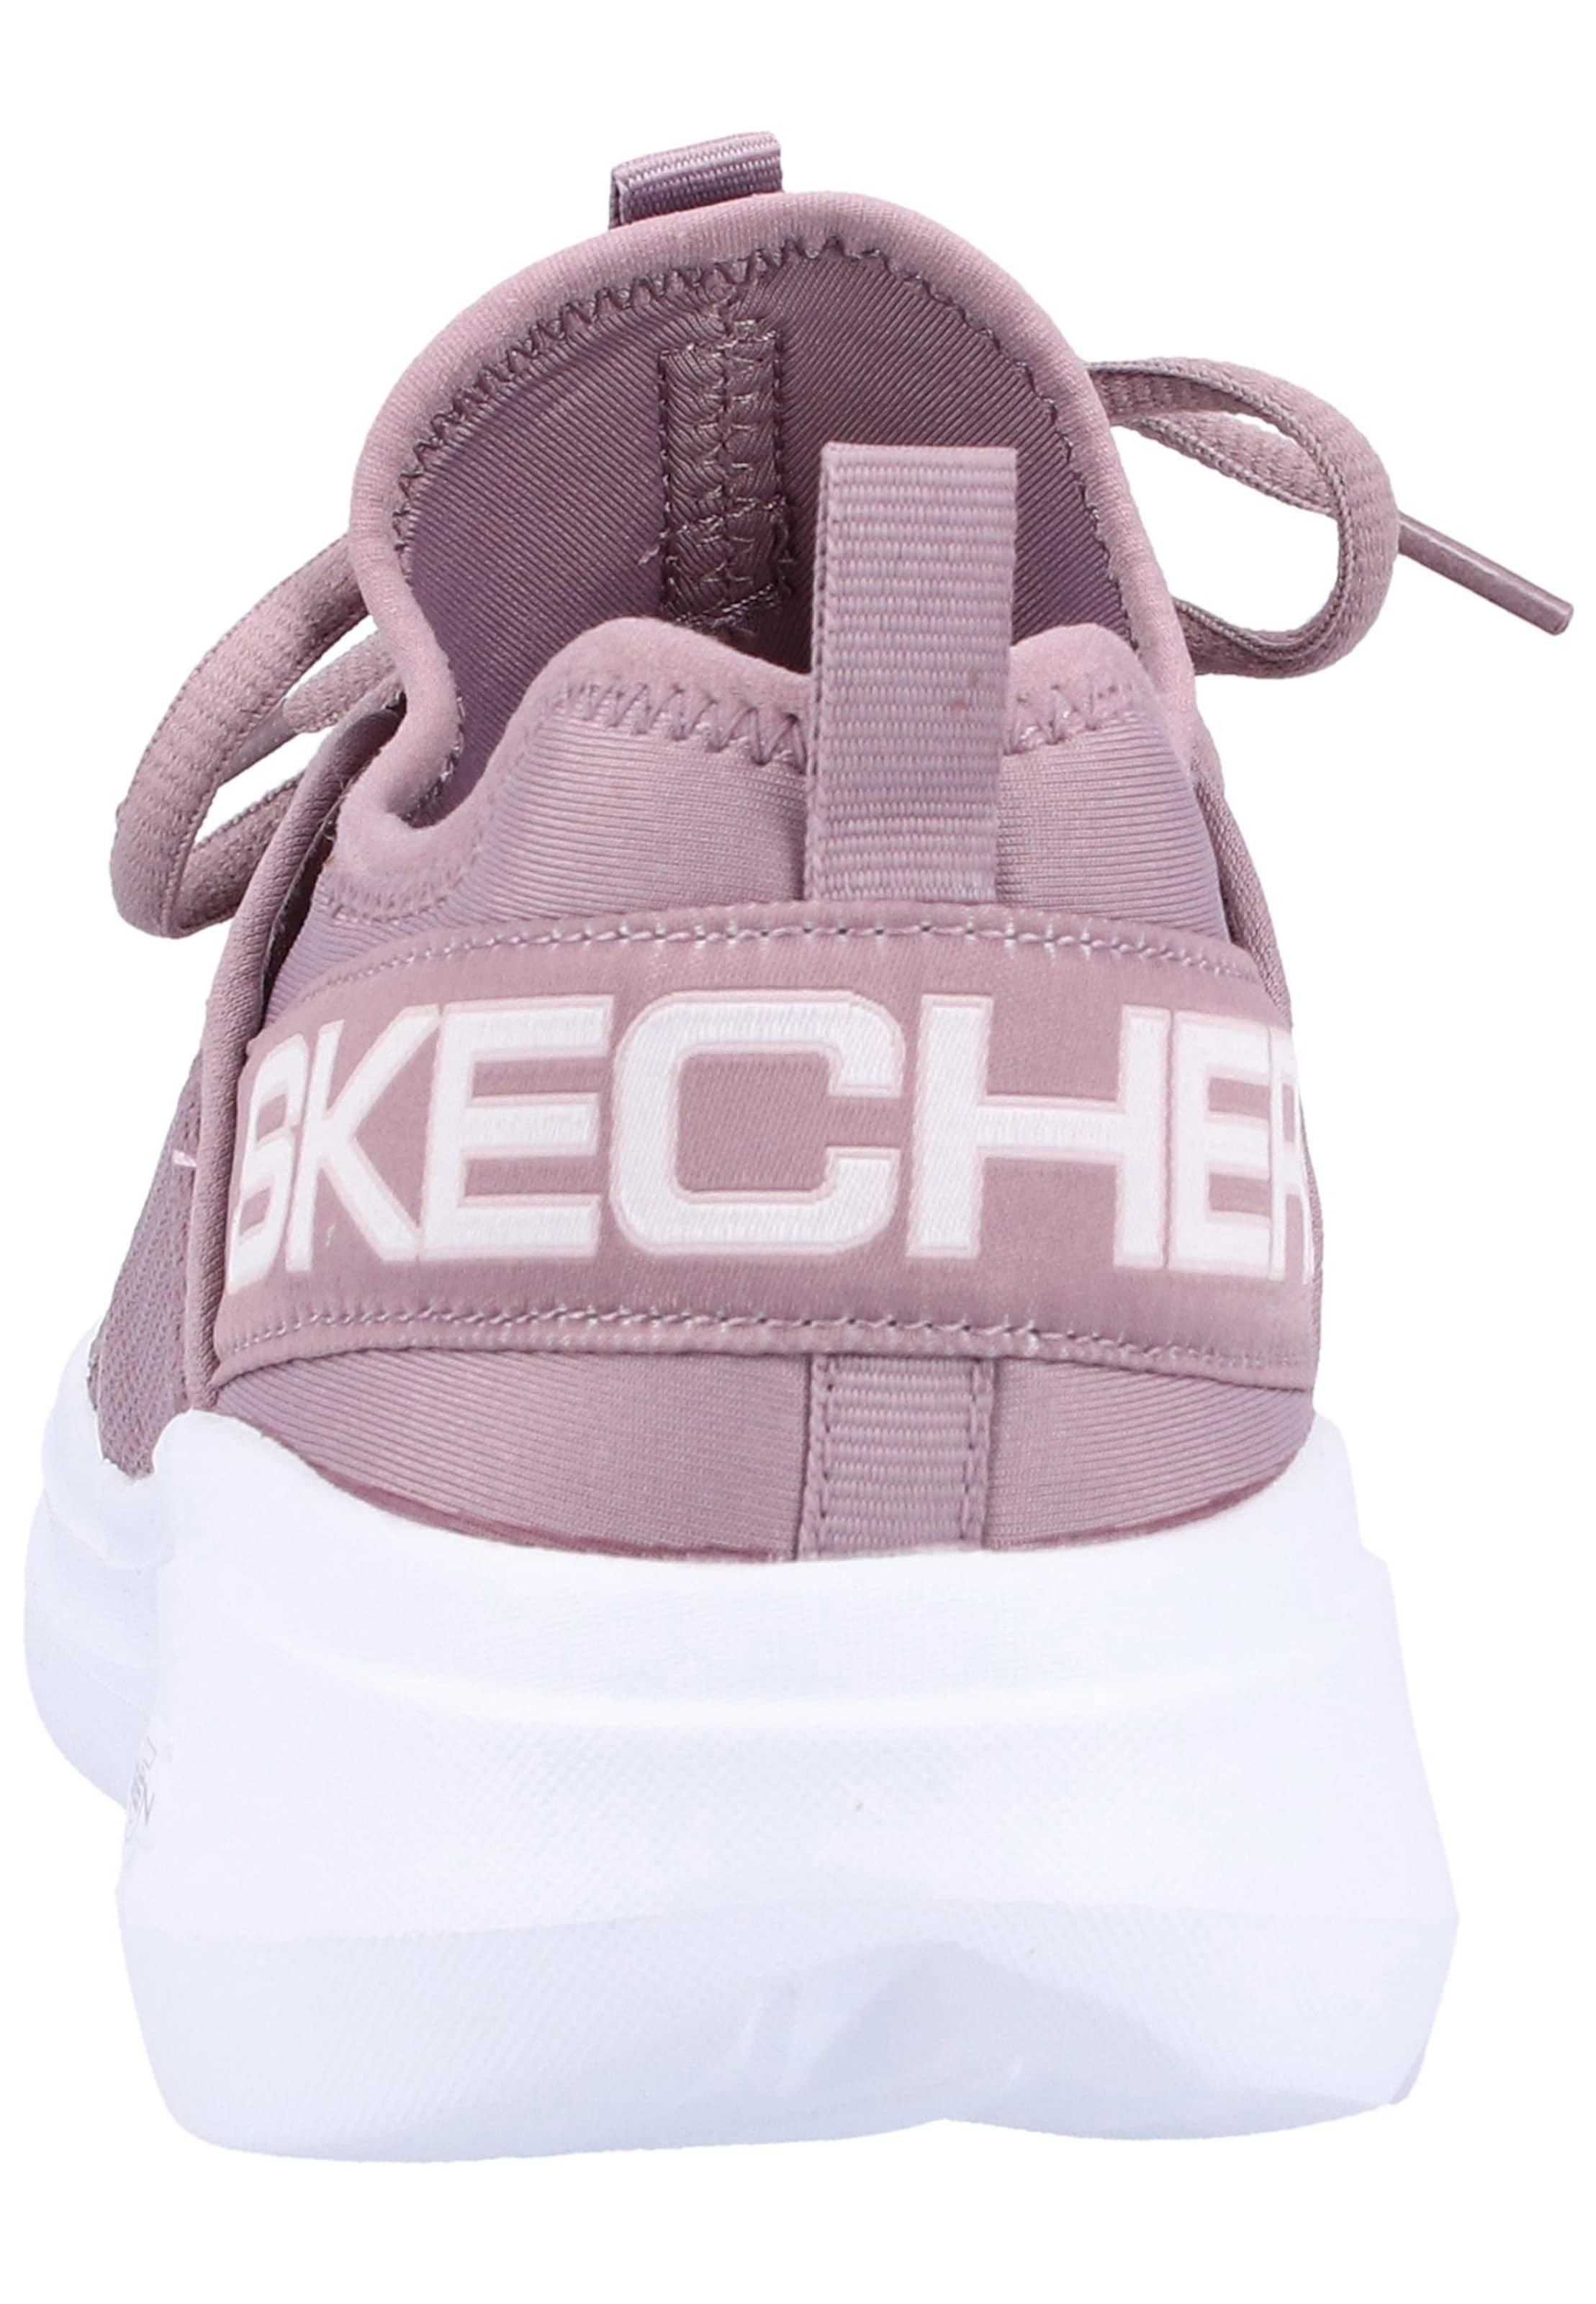 En Skechers Baskets Violet Clair Basses 8kwOPn0